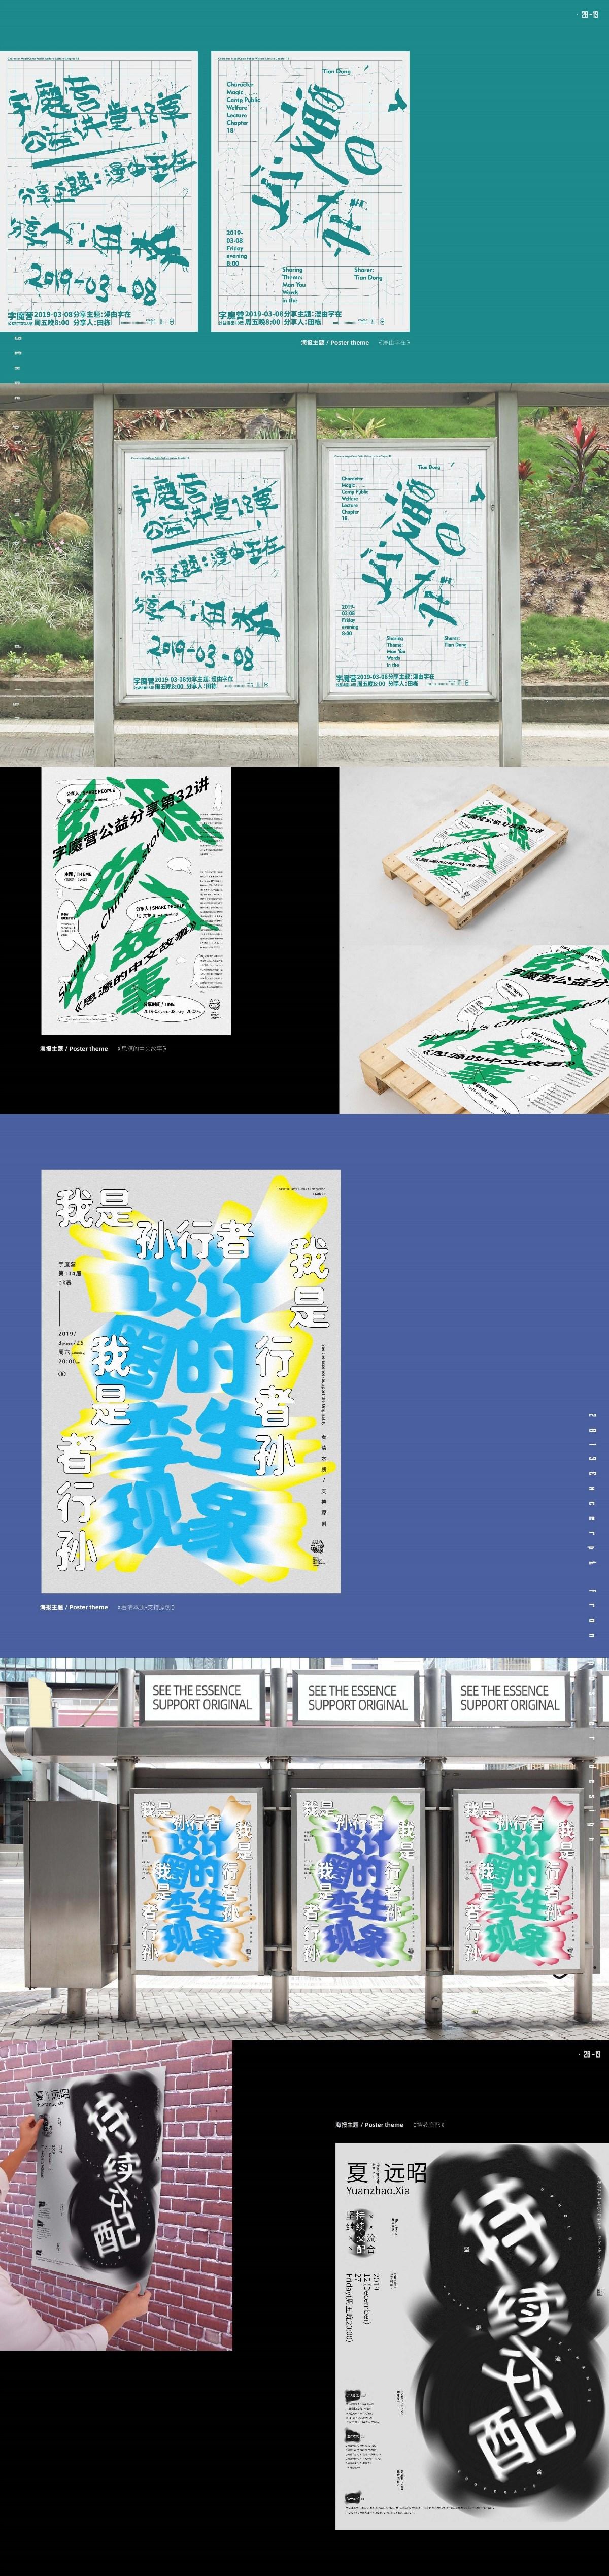 【2019海報設計集合】